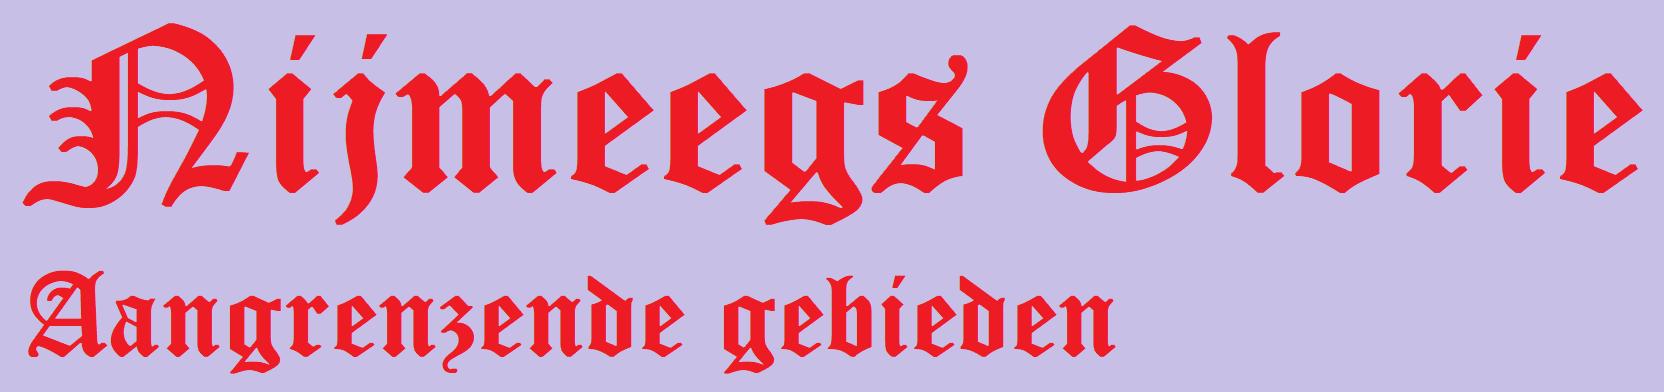 Nijmeegs Glorie